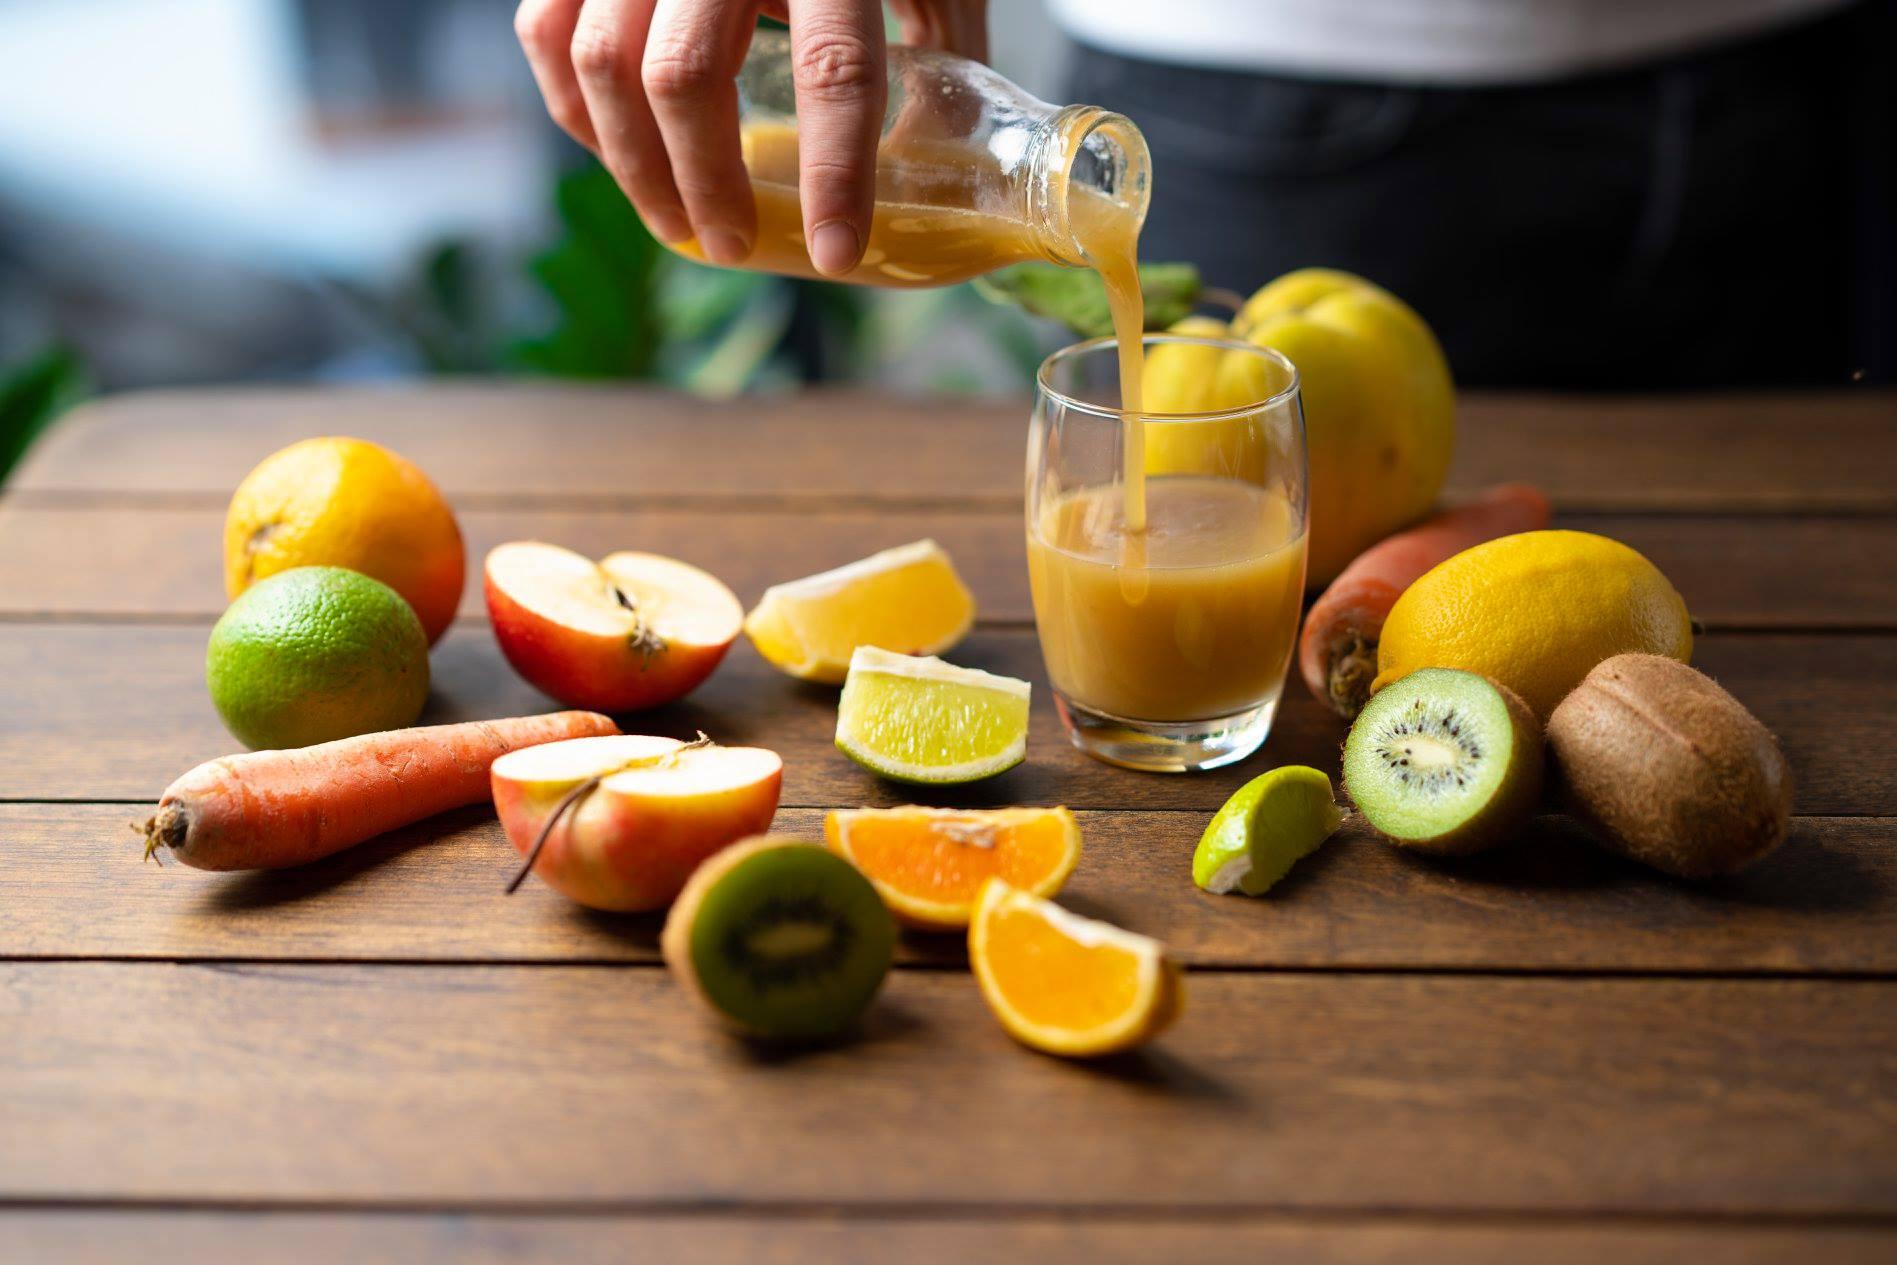 3 napos béltisztító diéta: kemény, de az eredmény látványos - Fogyókúra | Femina